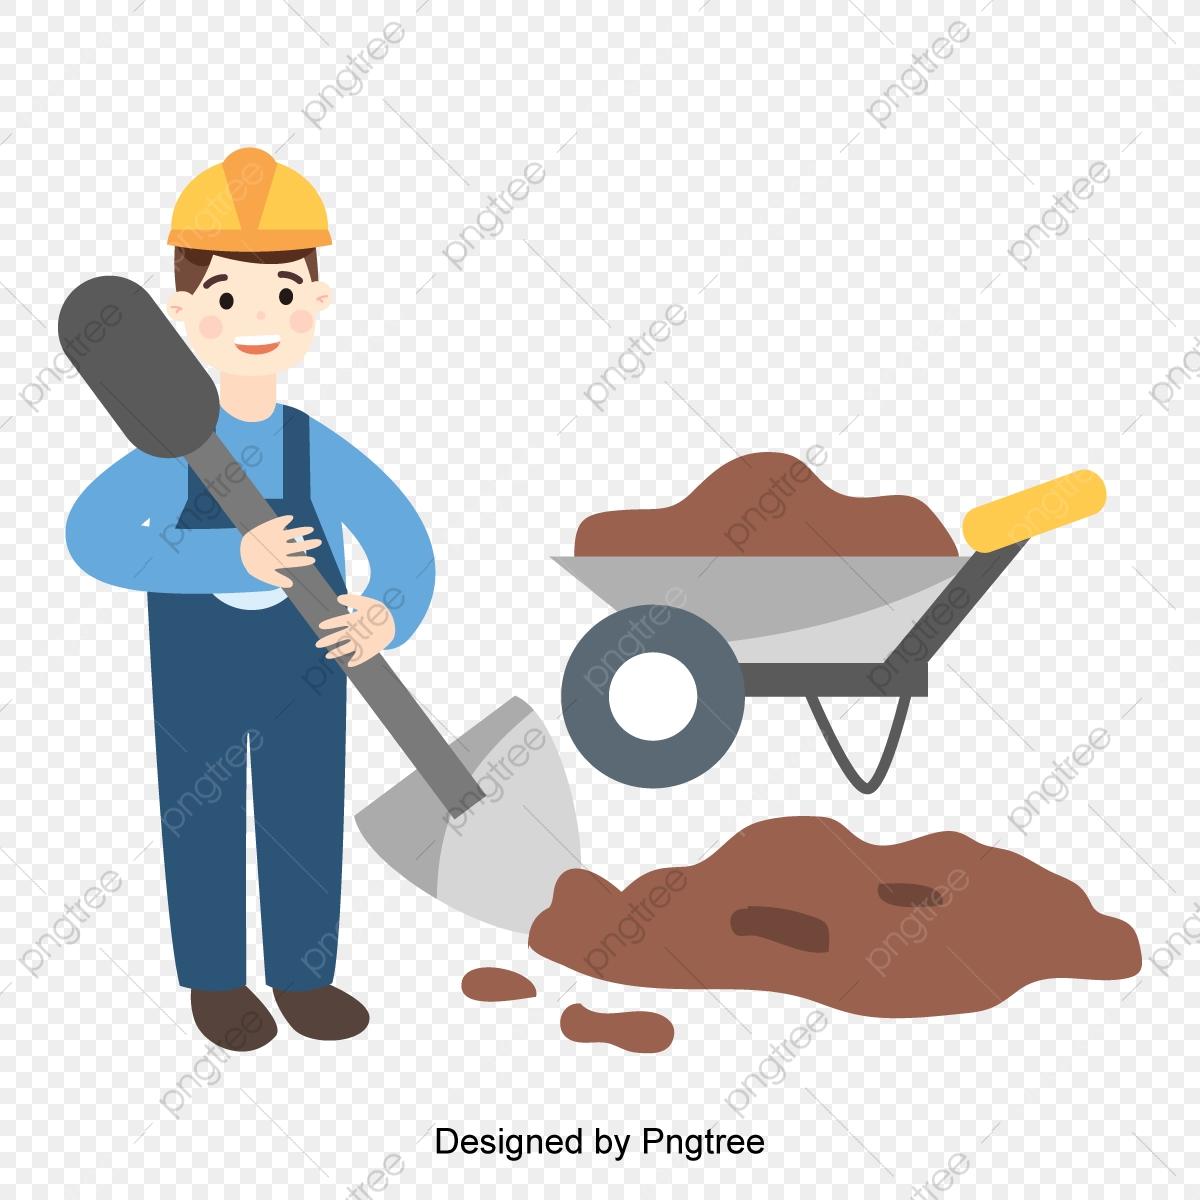 Backhoe clipart construction site. Backhoes vehicle png